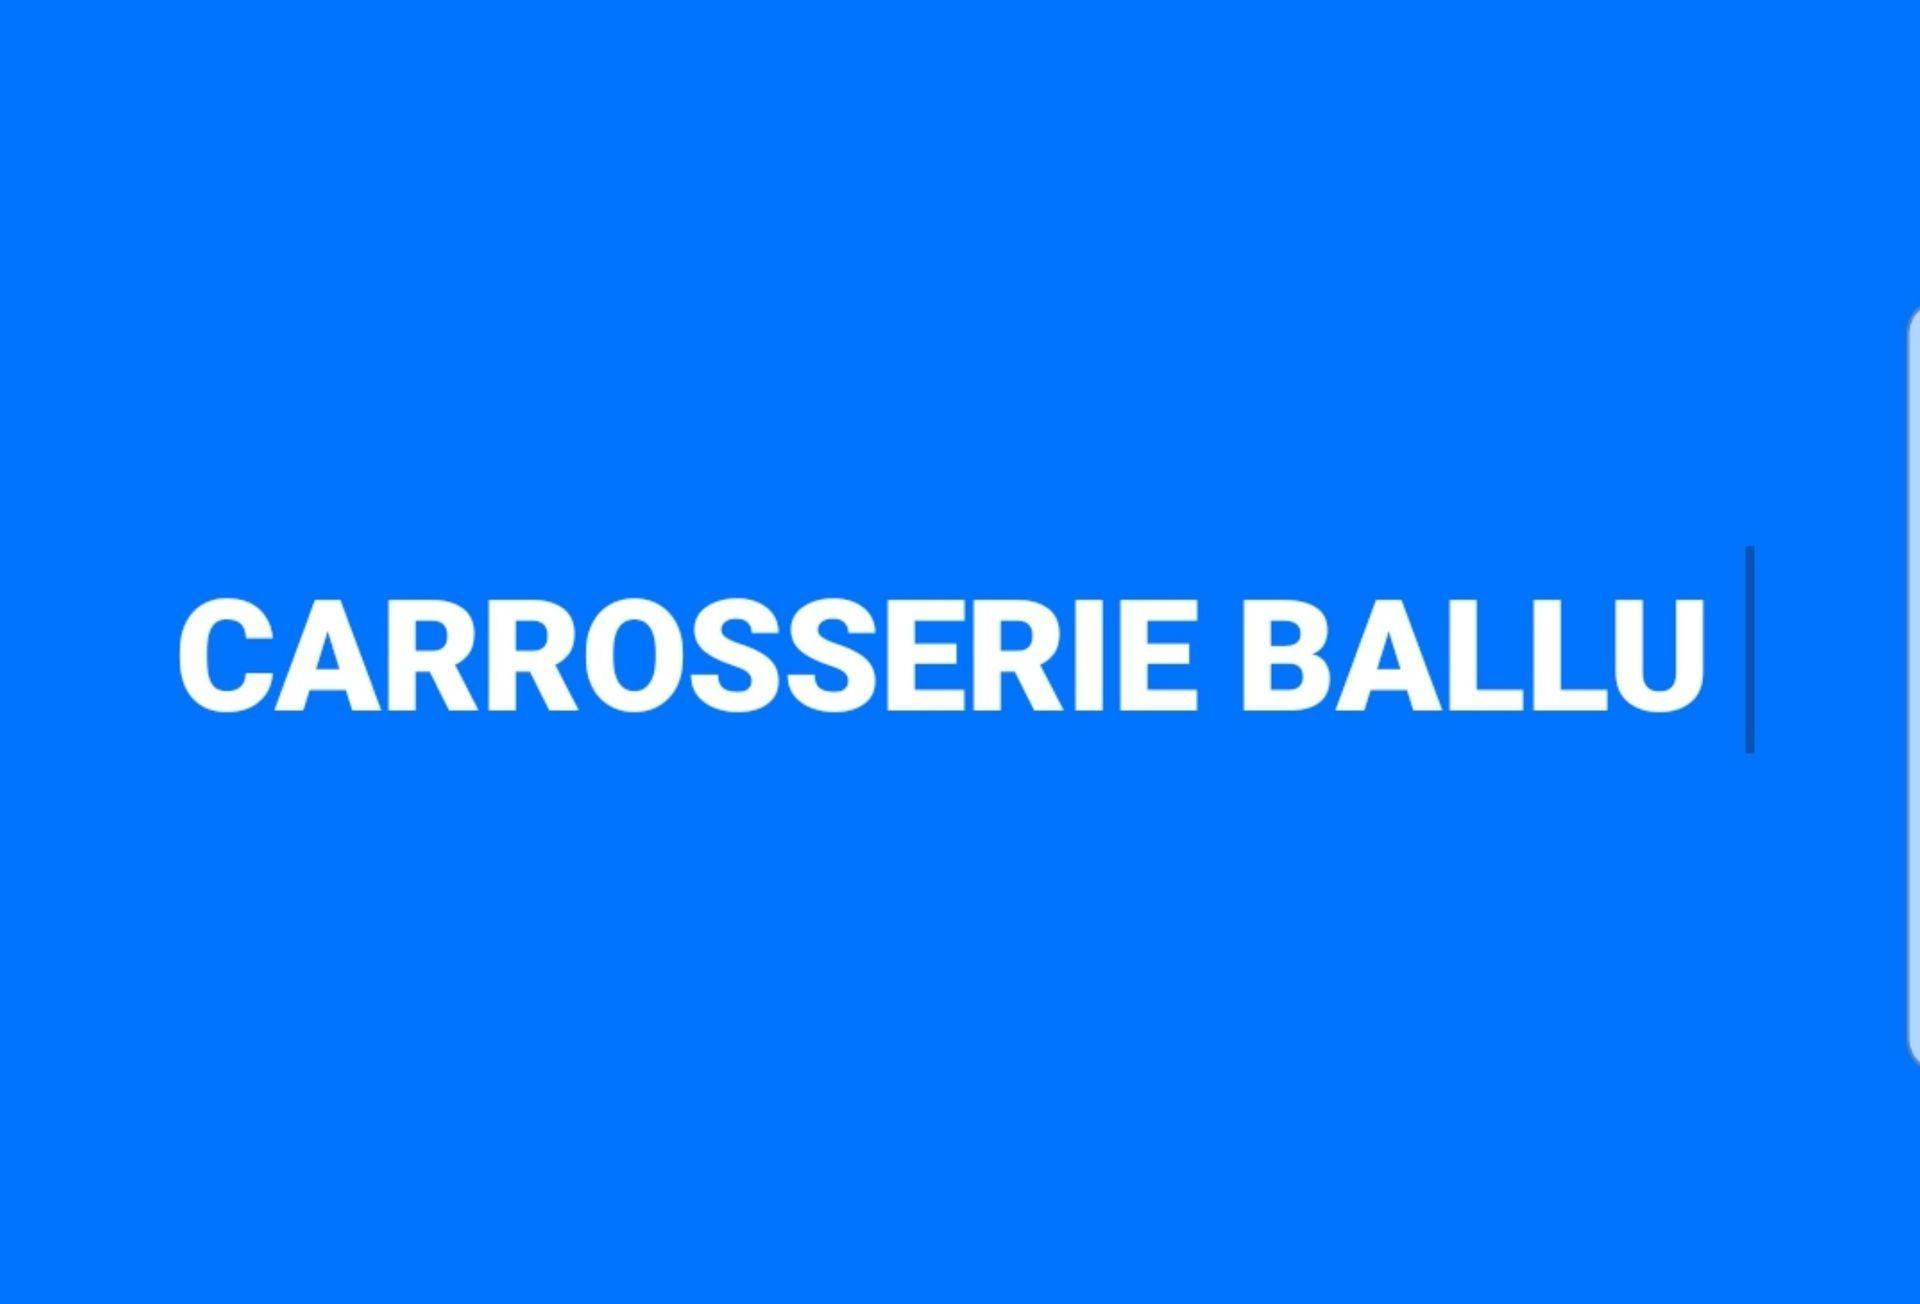 CARROSSERIE BALLU